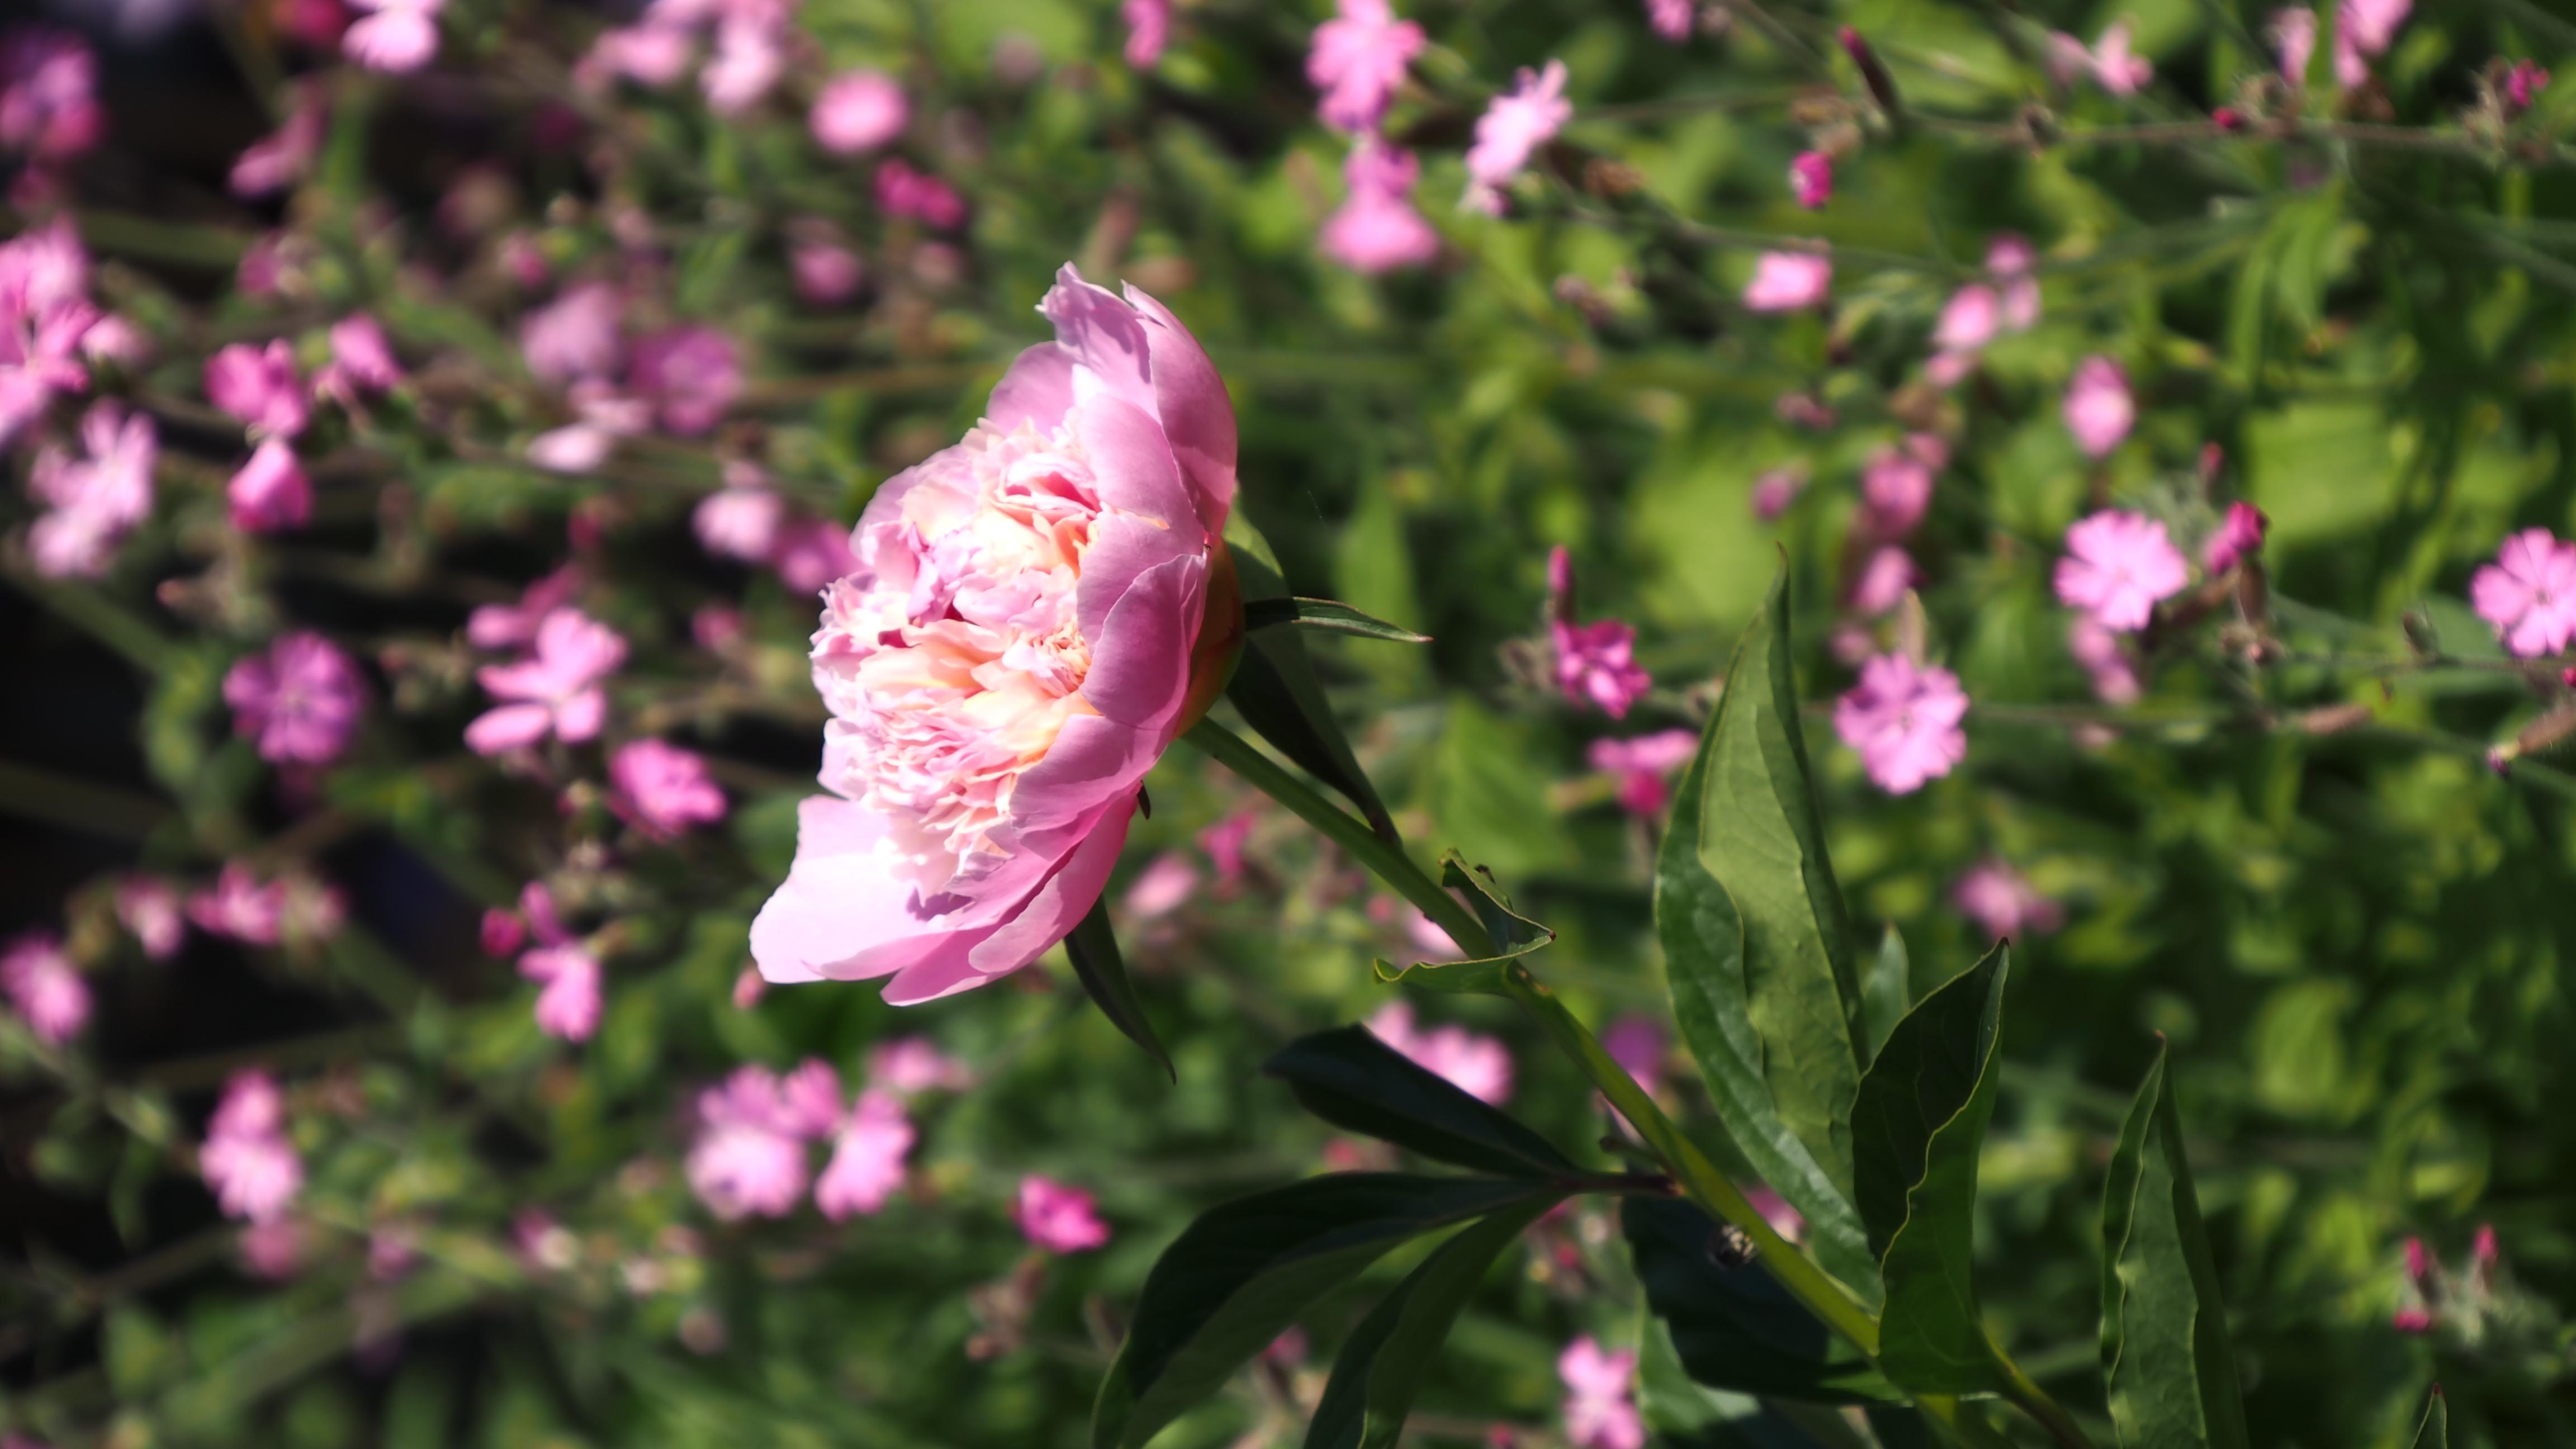 Paeonia lactiflora 'Sorbet' パエオニア ラクチフローラ 'ソルベット' (シャクヤク)